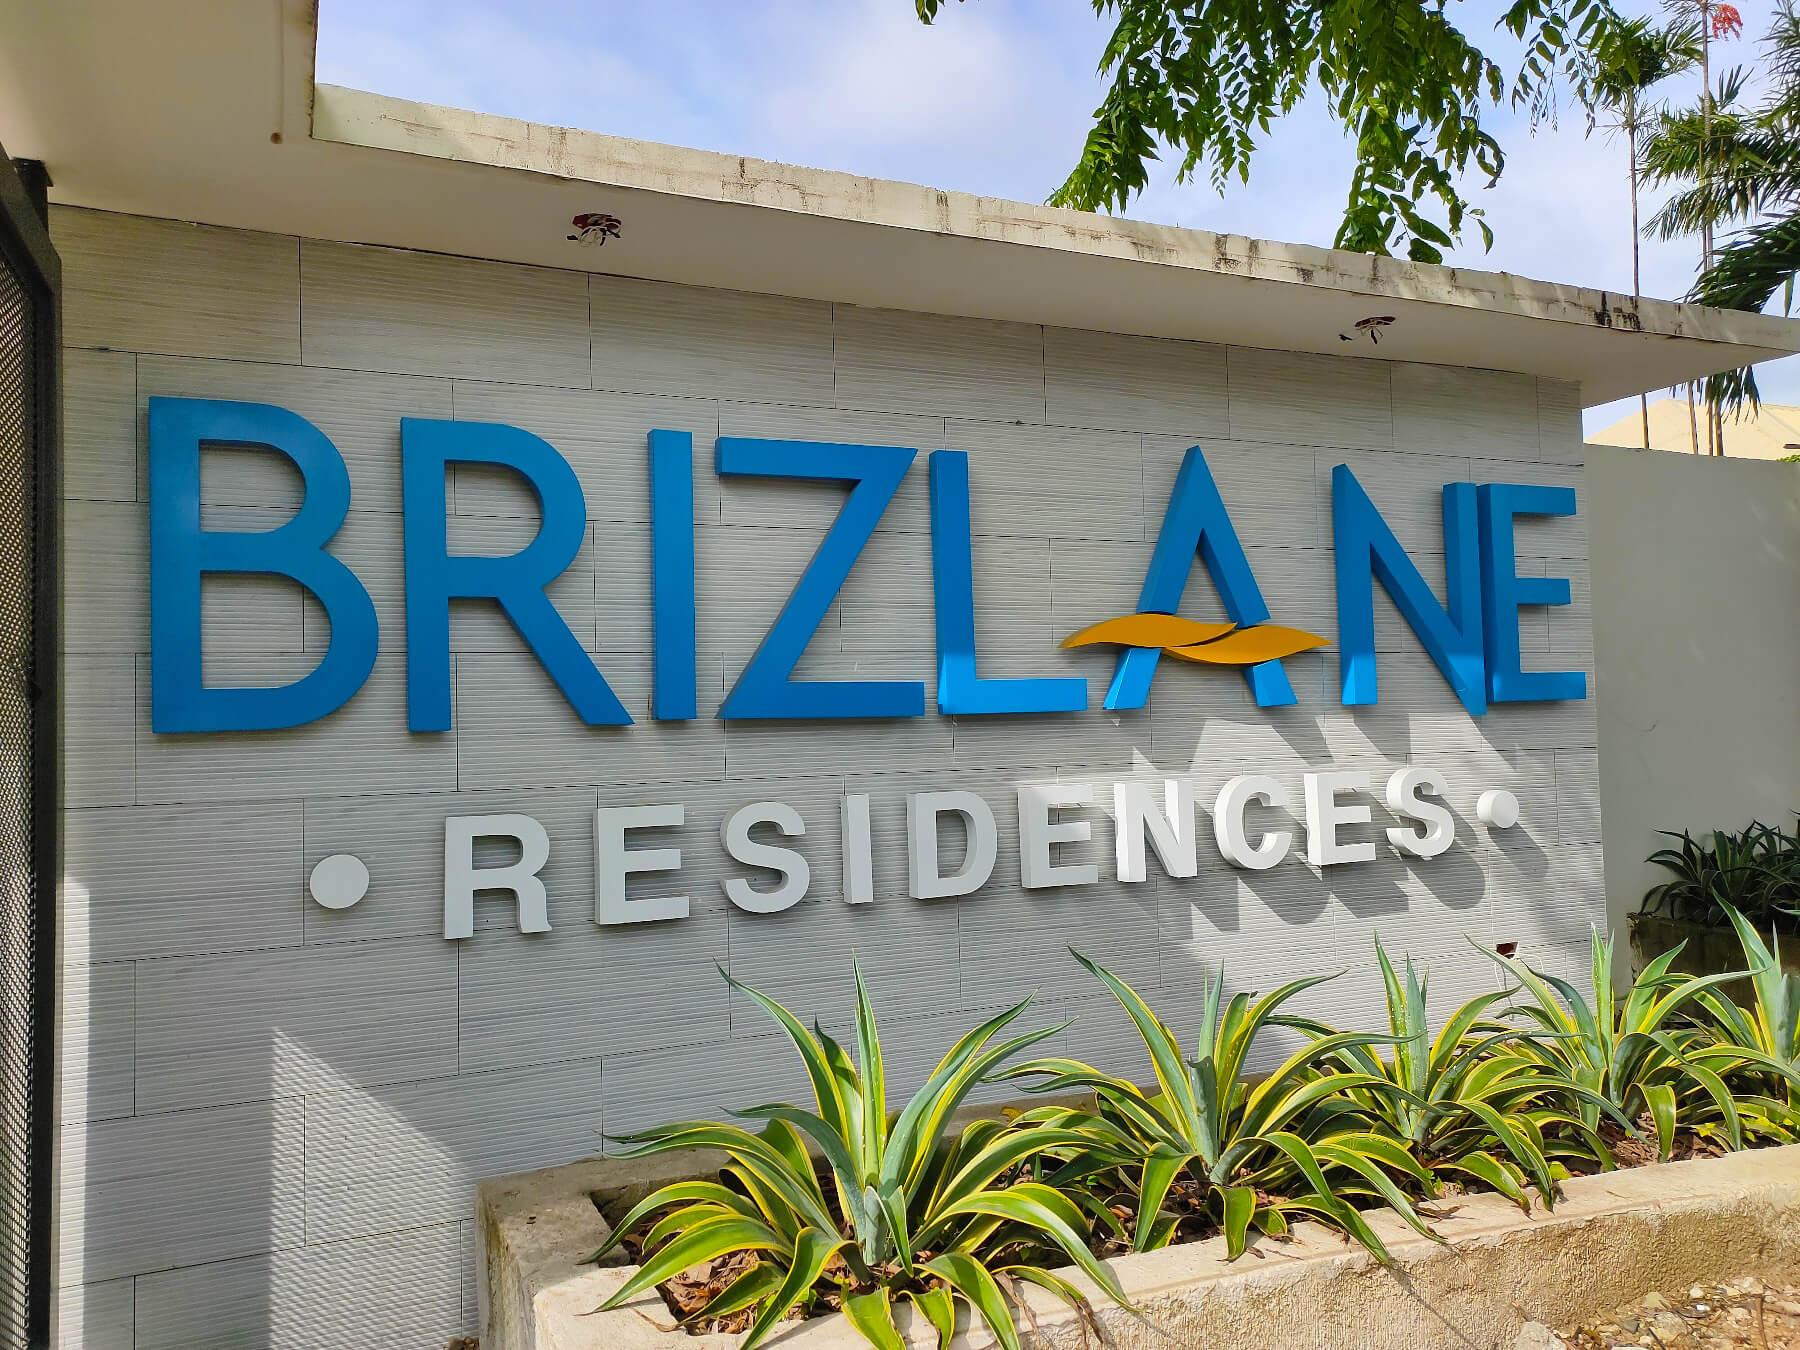 Brizlane Residences - Signage